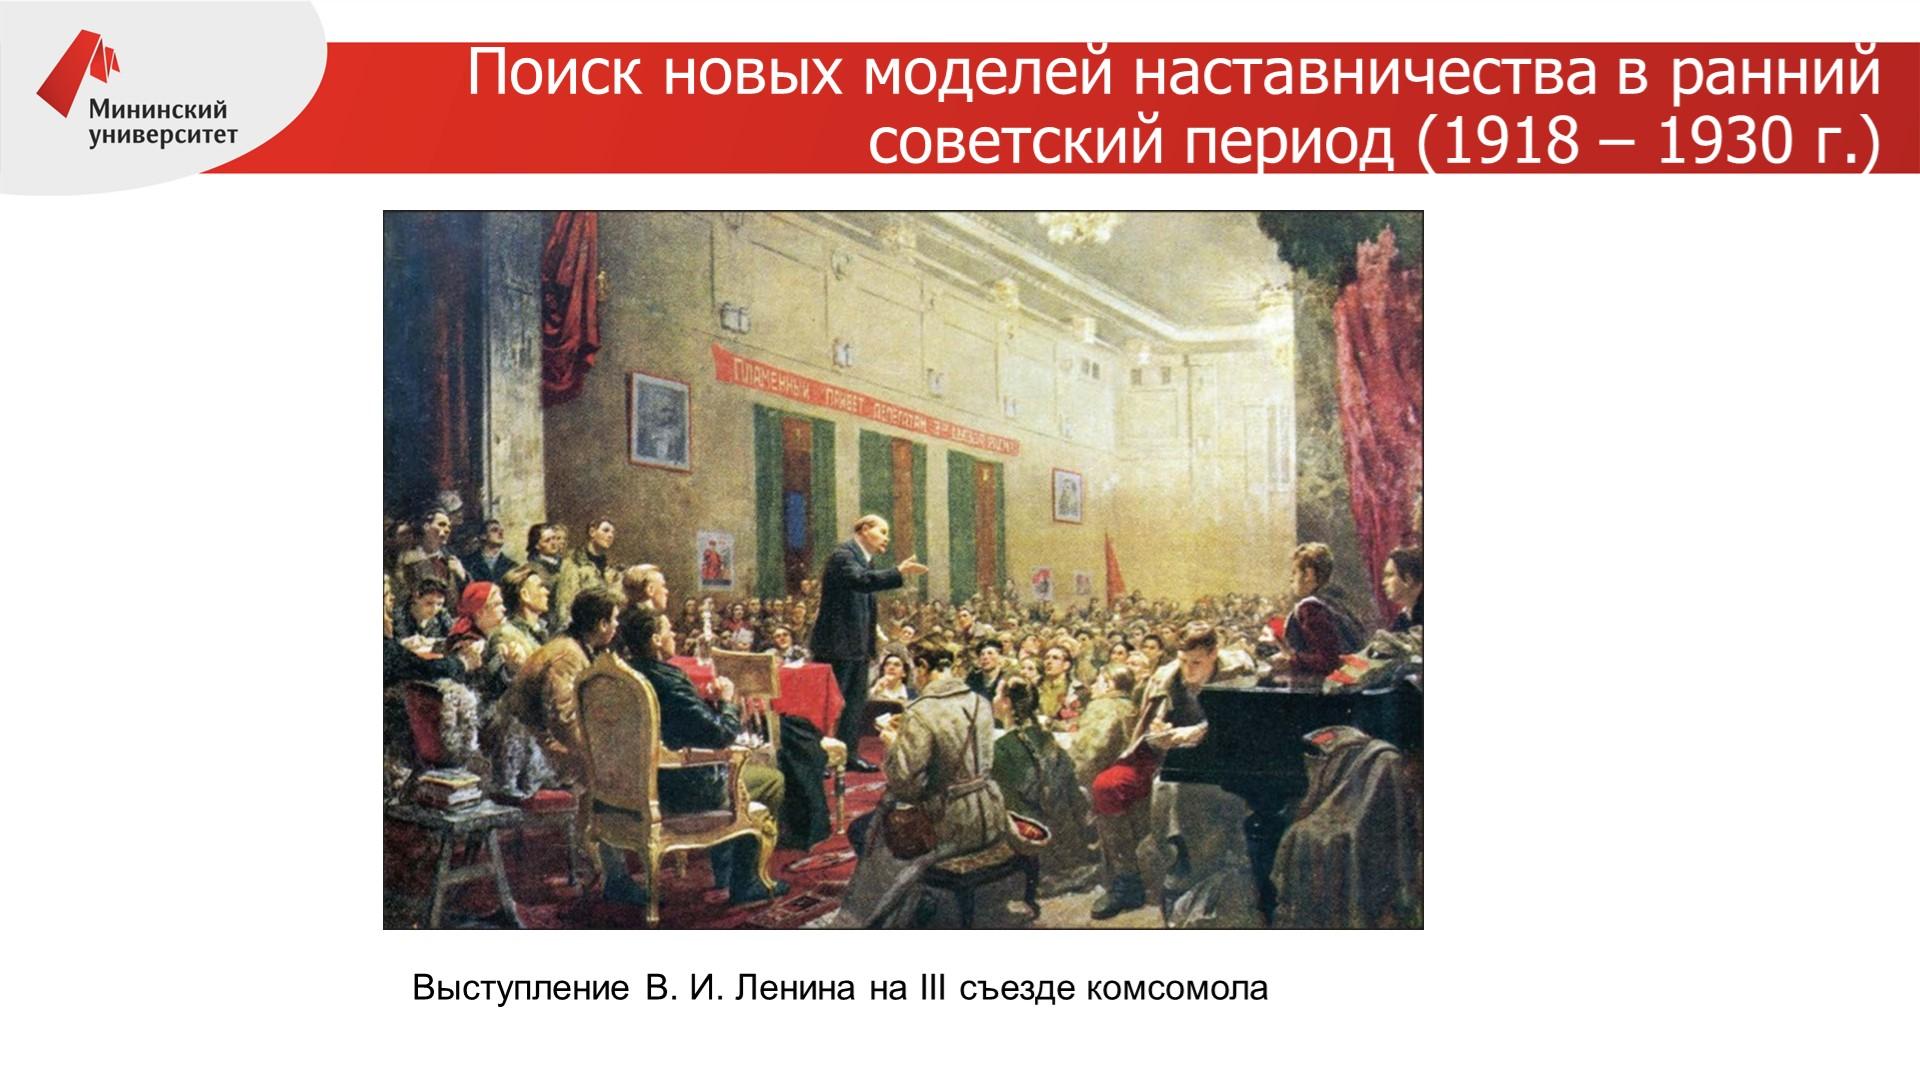 В Мининском университете прошел вебинар «Эффективные практики наставничества в СССР»